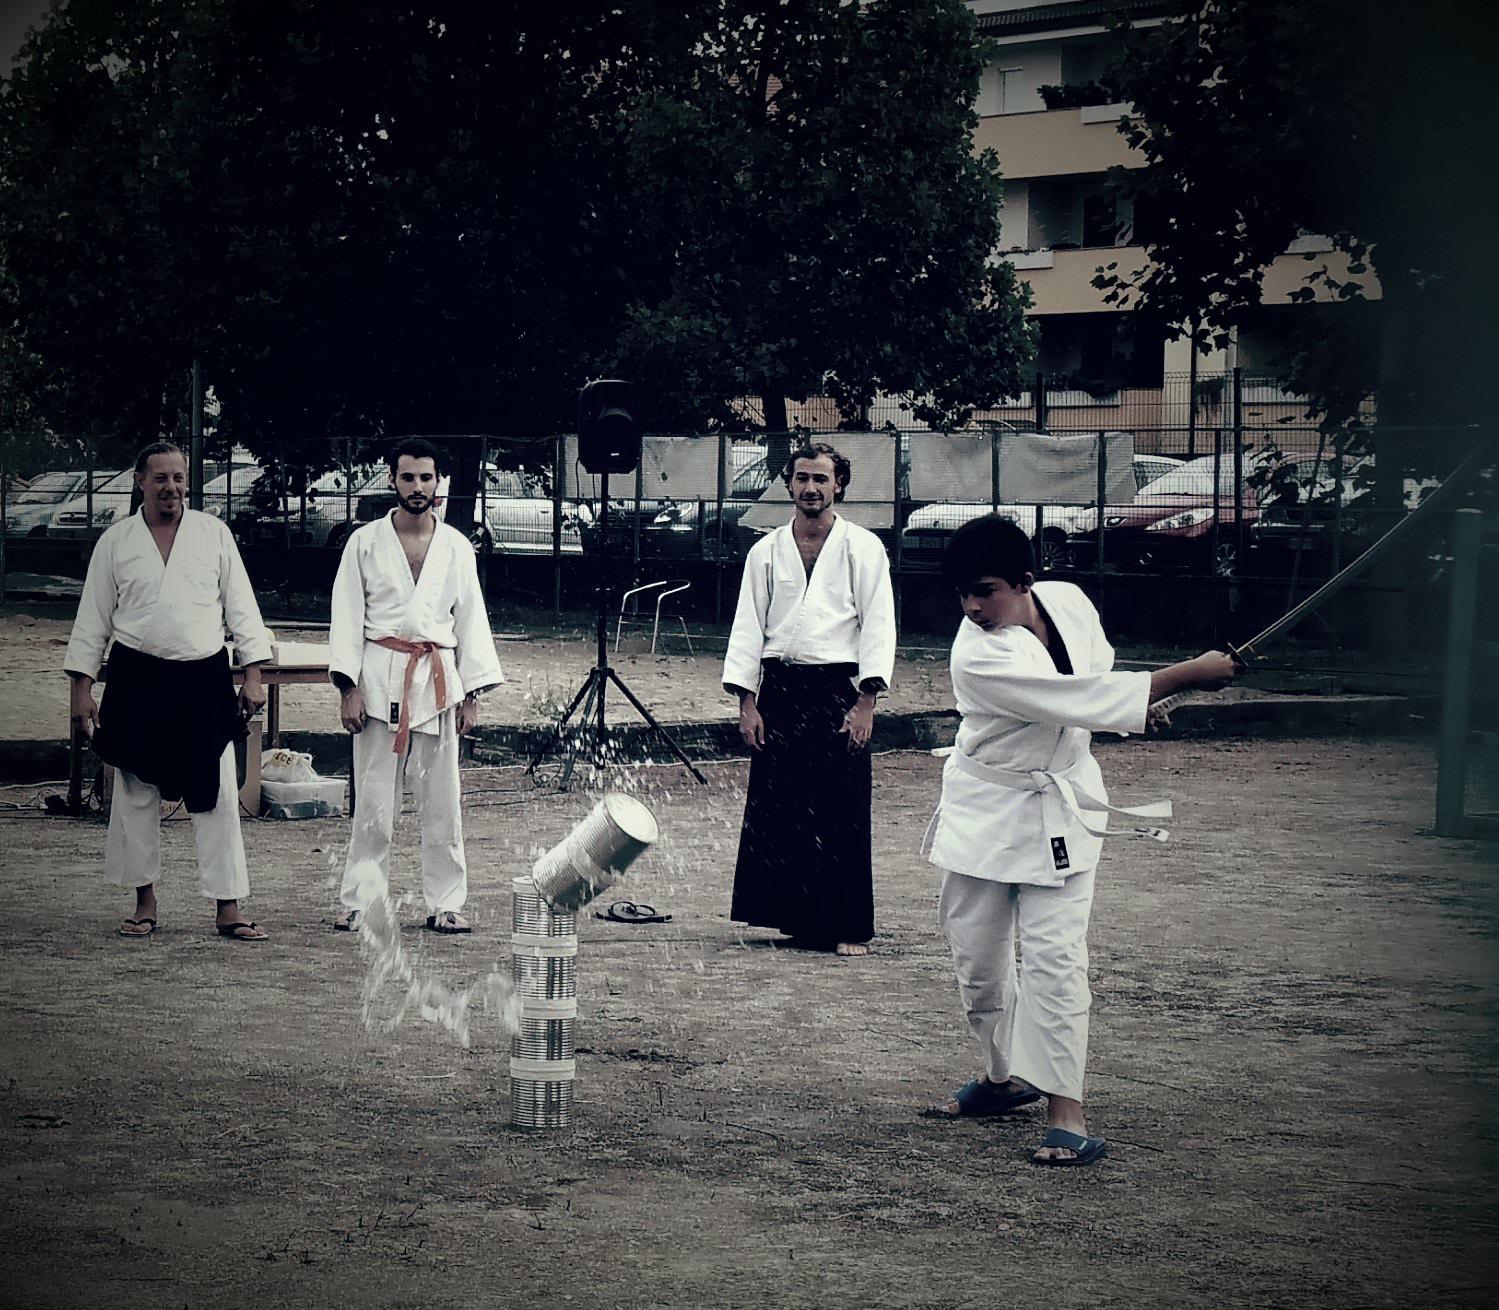 festa sport (4)